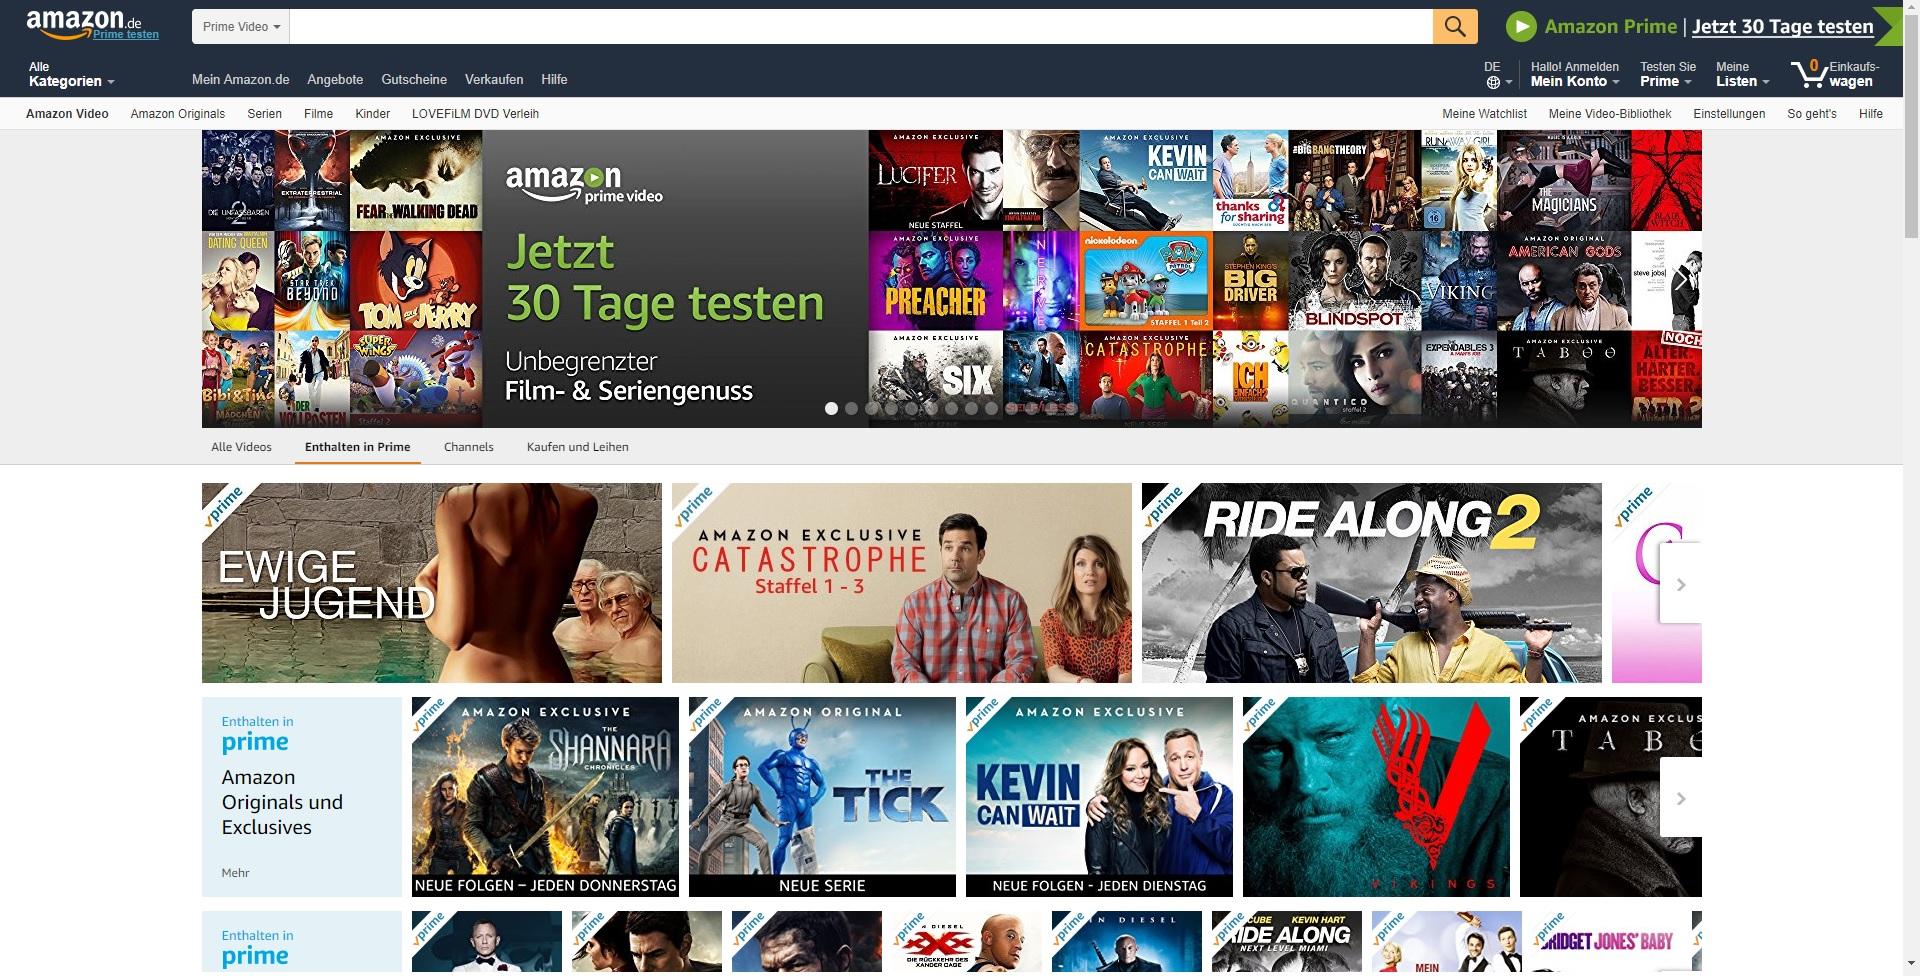 Singlebörsen: Amazon